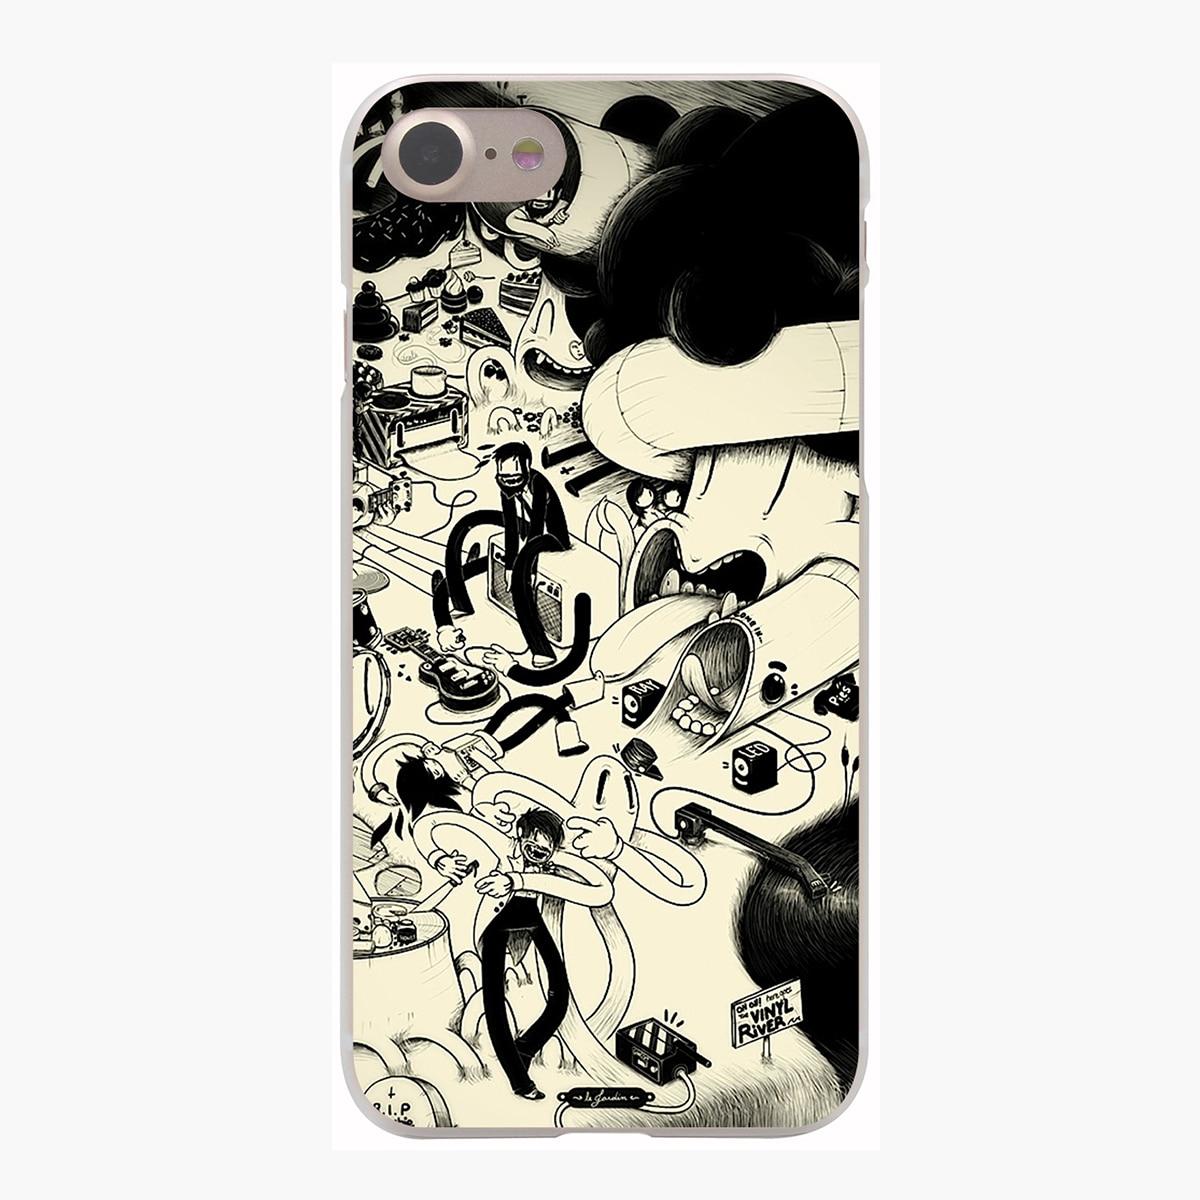 Lavaza Deadmau5 Cover Case for iPhone X 10 8 7 Plus 6 6S Plus 5 5S SE 5C 4 4S Cases